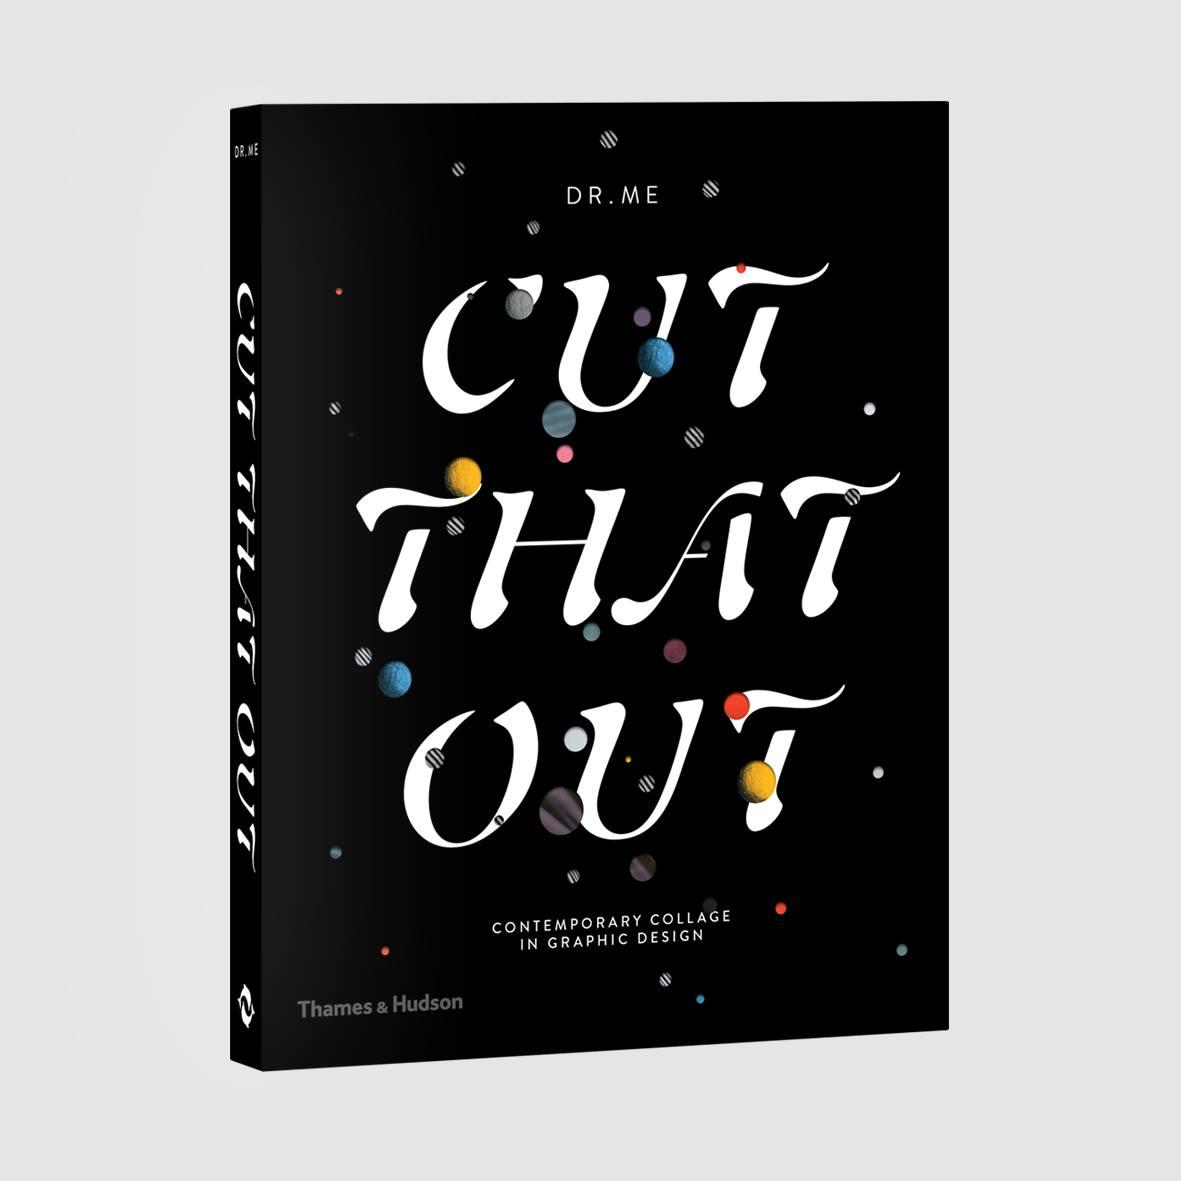 """DR.ME, """"Cut That Out"""", Thames & Hudson, 2016"""